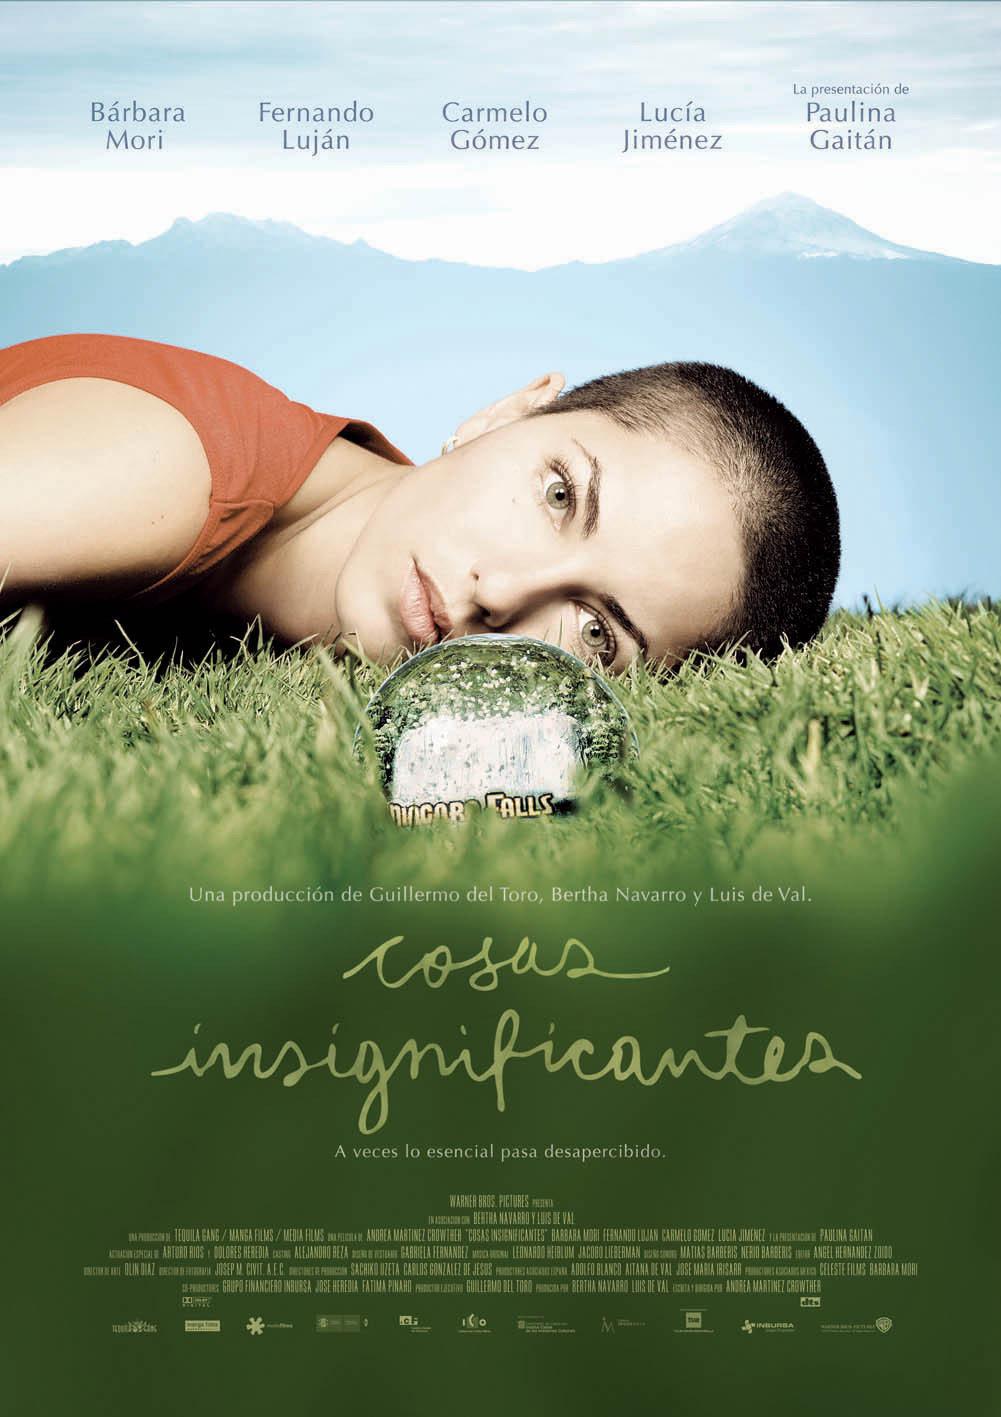 فیلم سینمایی Insignificant Things با حضور Bárbara Mori